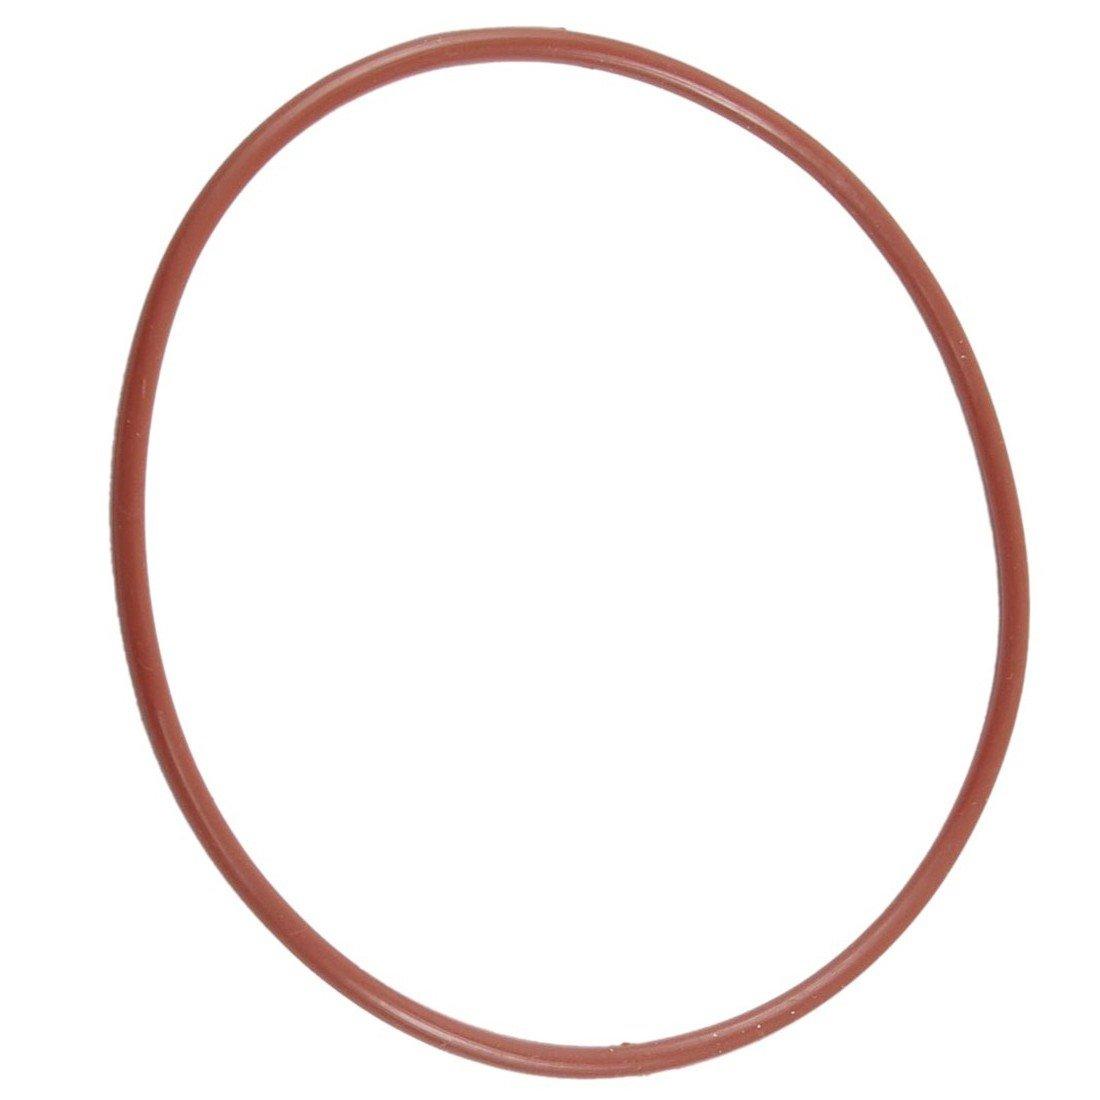 TOOGOO R Rot Silikon O Ring Dichtung Zurueckhaltung oel de Joint metrisch 90 mm x 3 mm O Ring